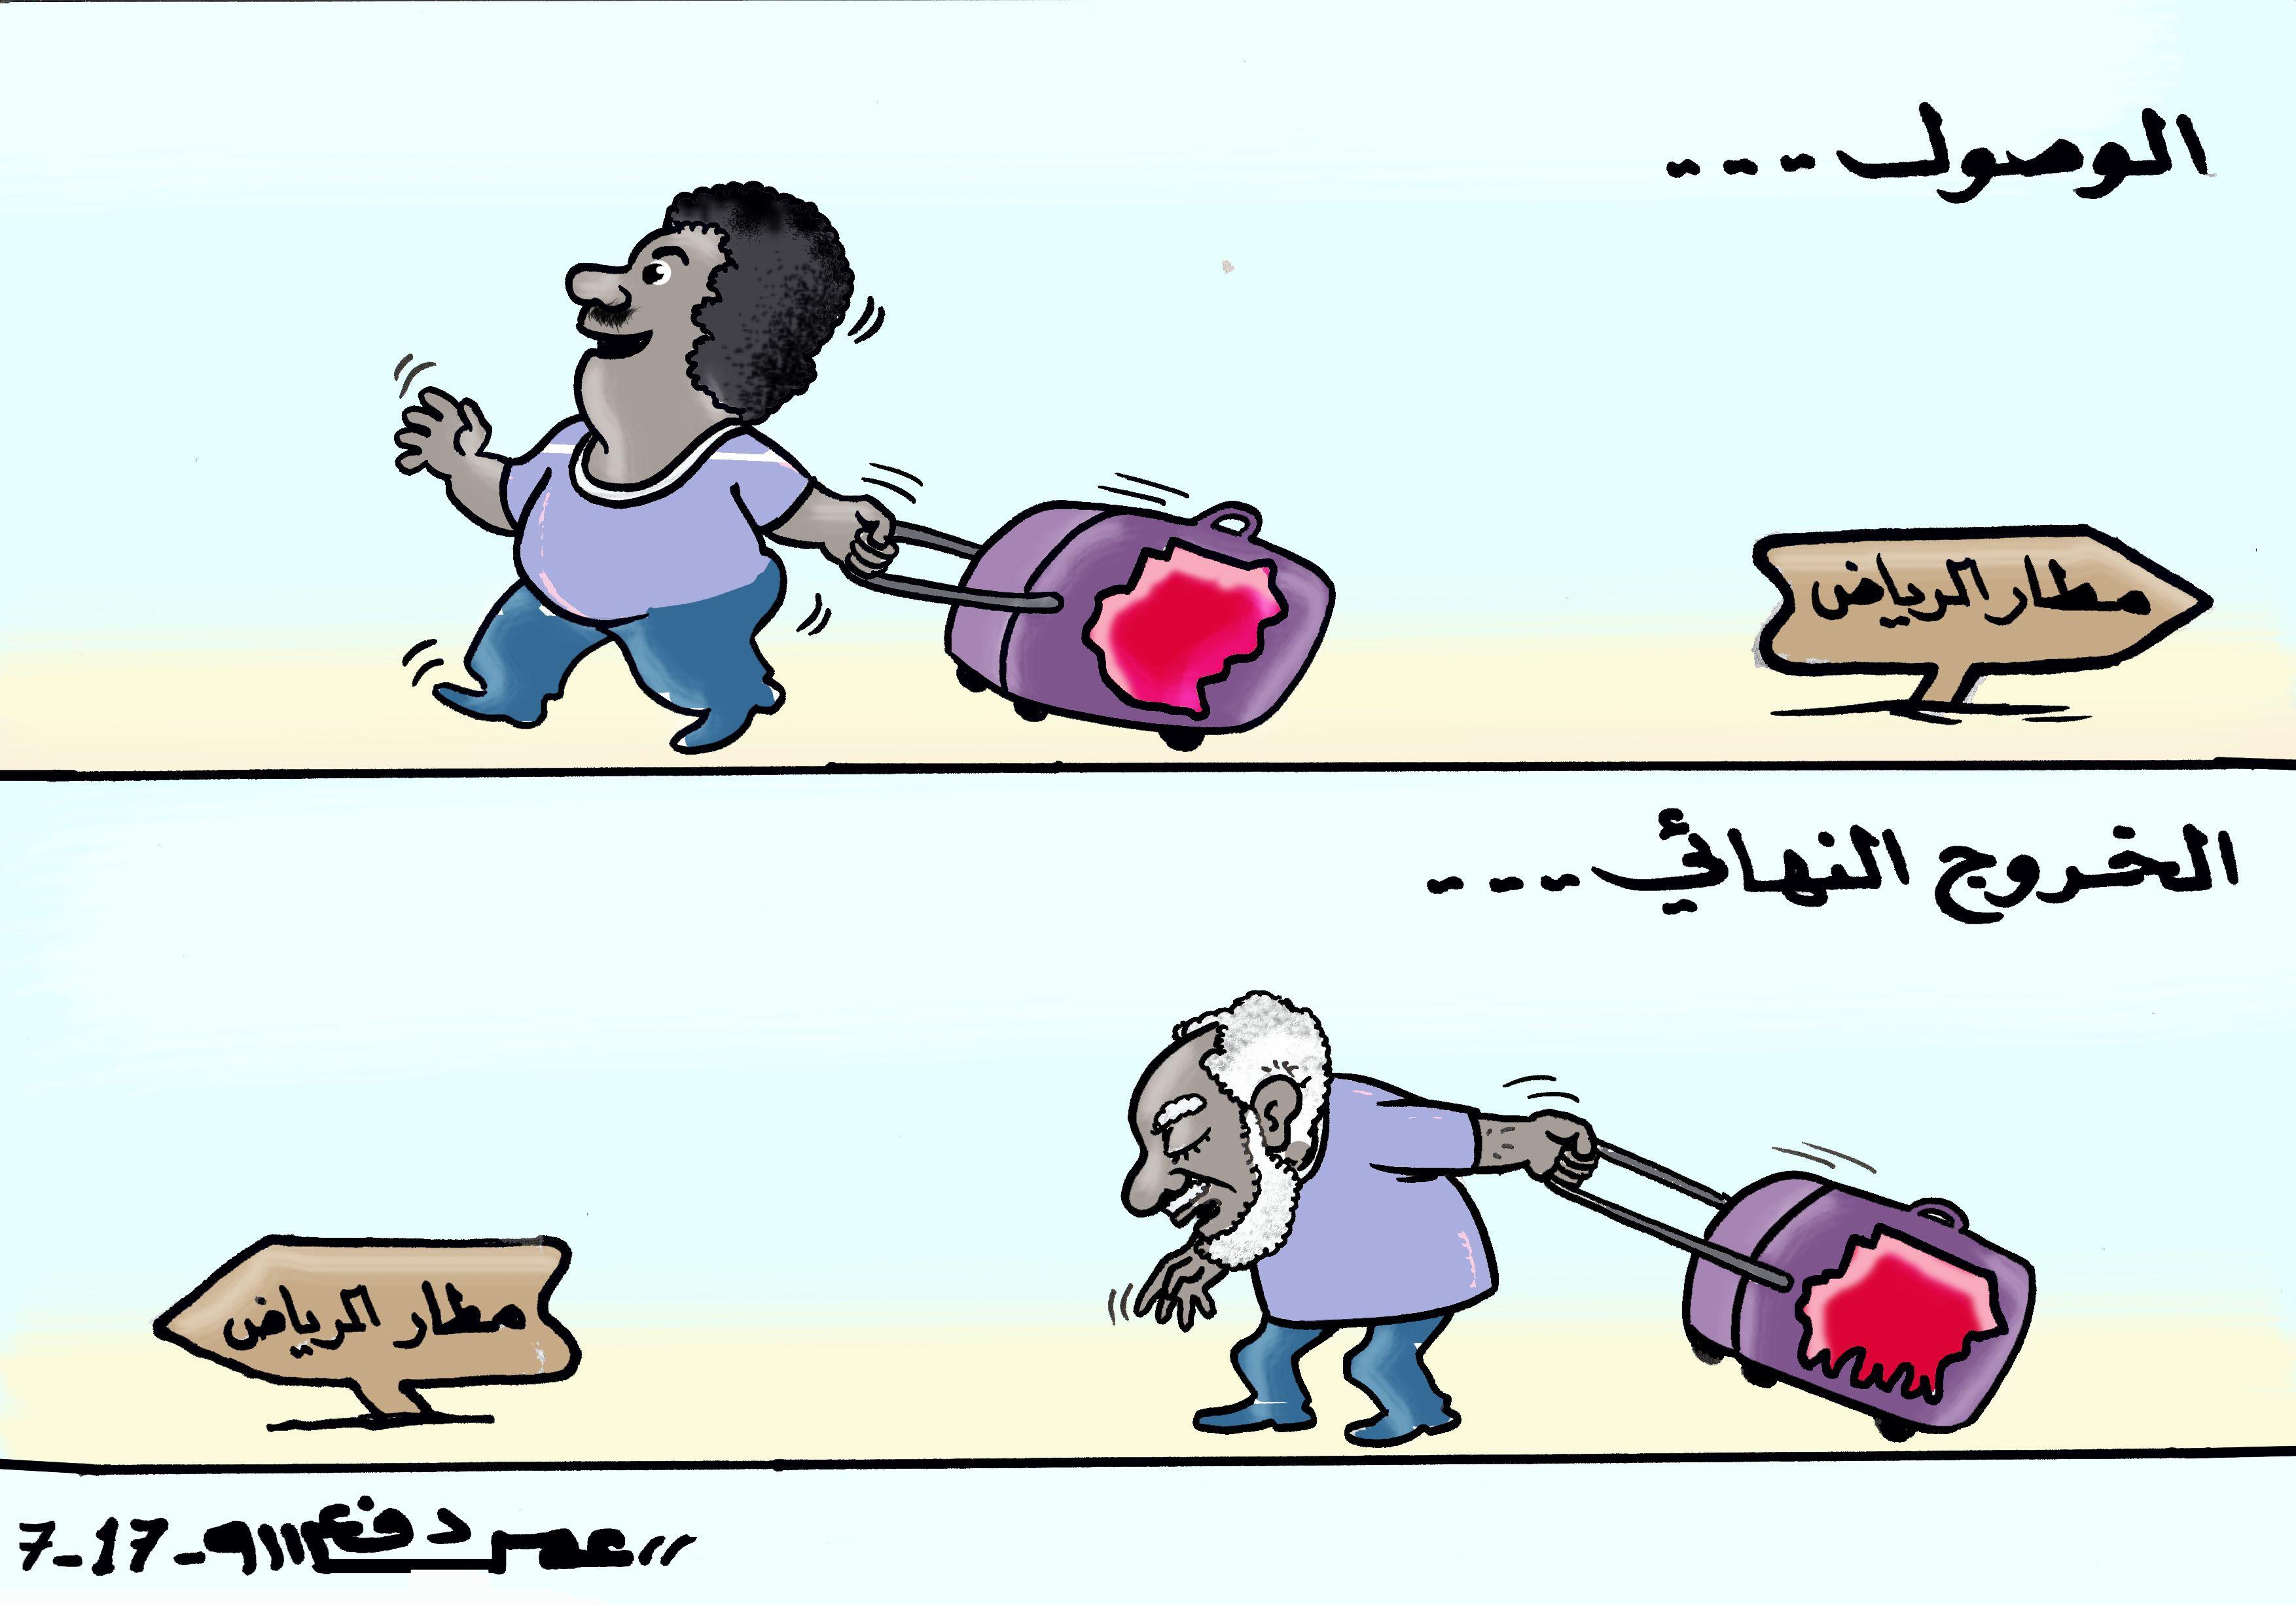 كاركاتير اليوم الموافق 10 يوليو 2017 للفنان عمر دفع الله